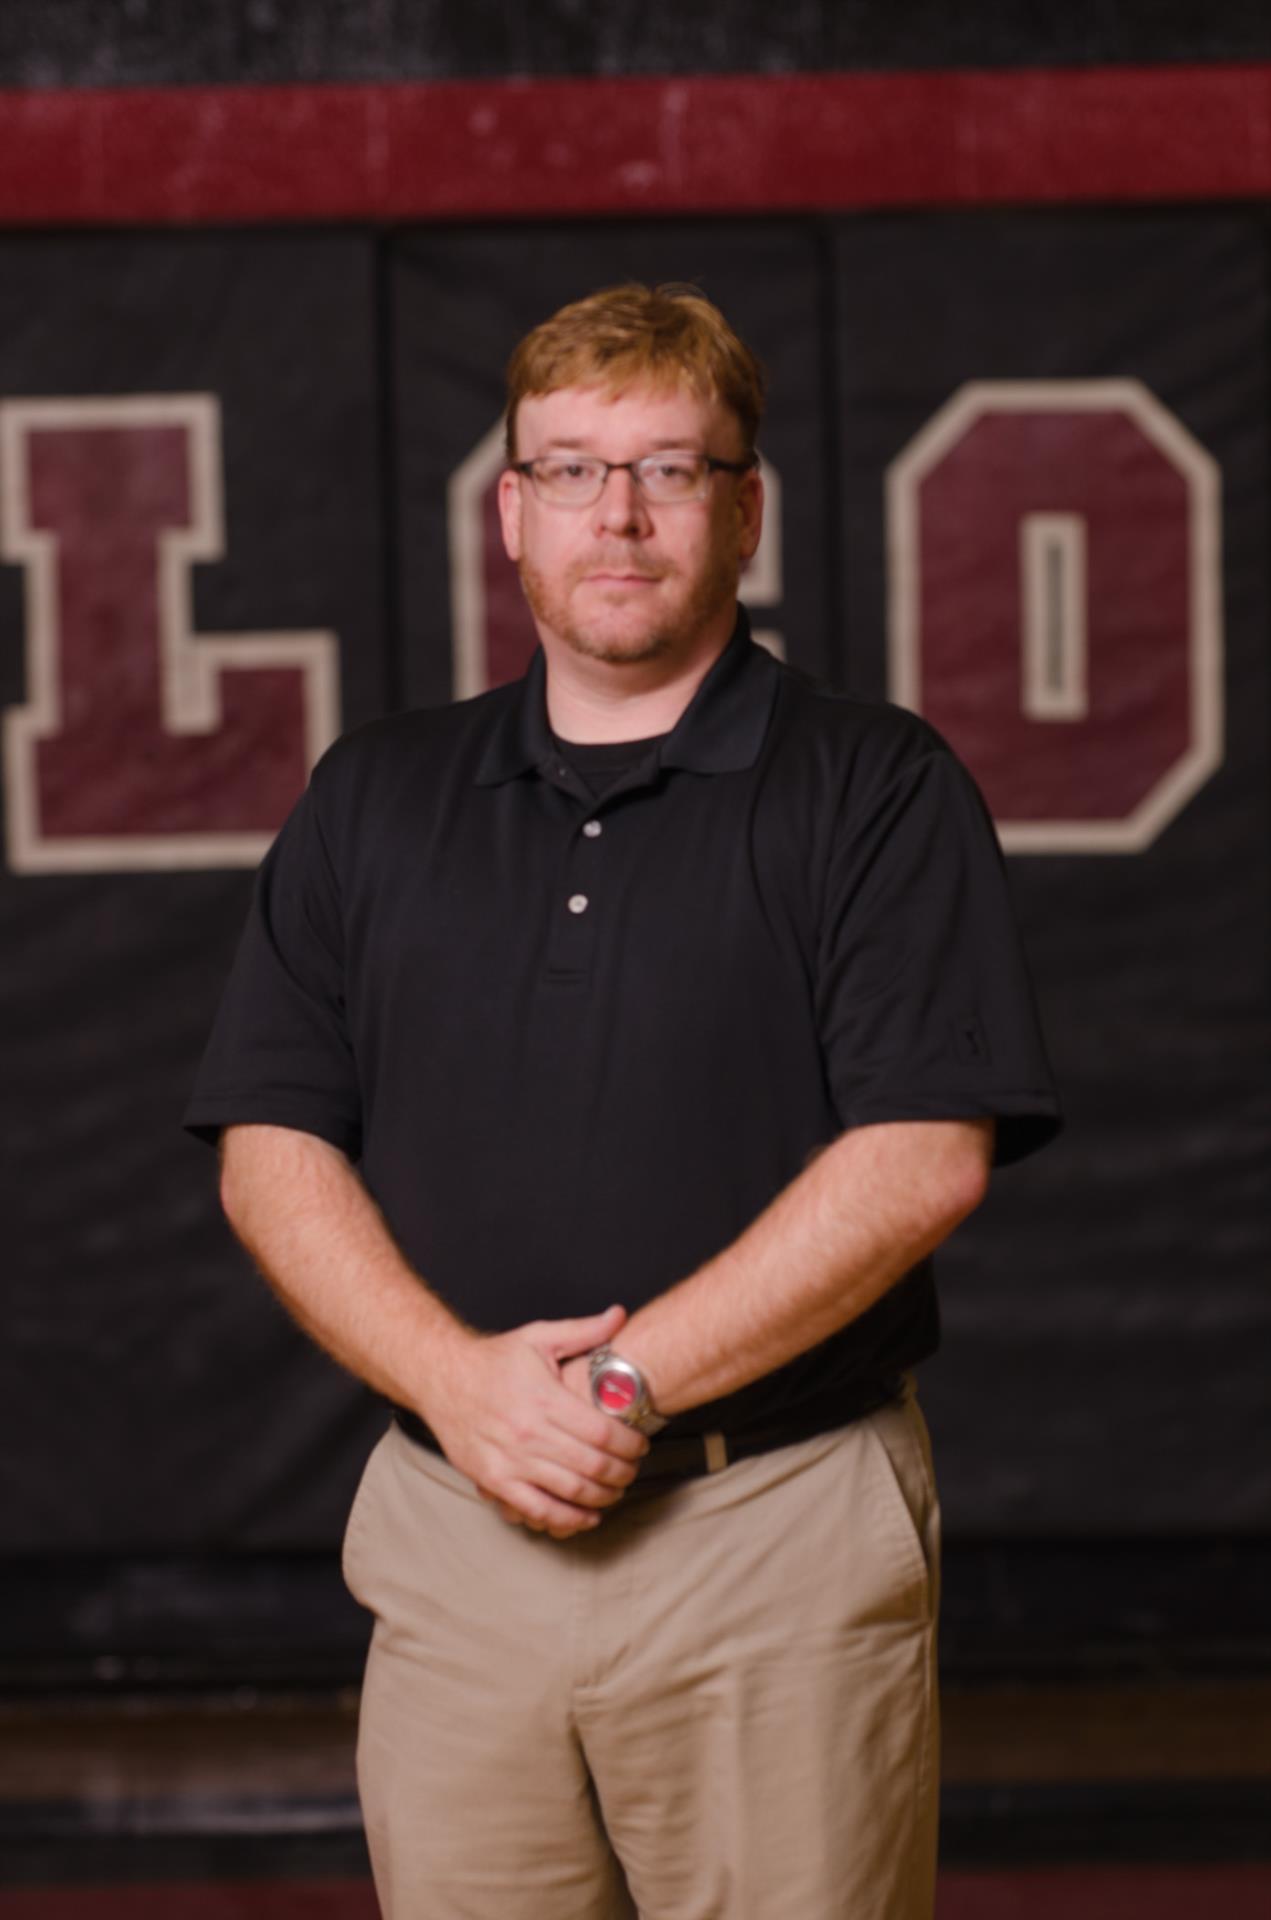 Coach Spaite